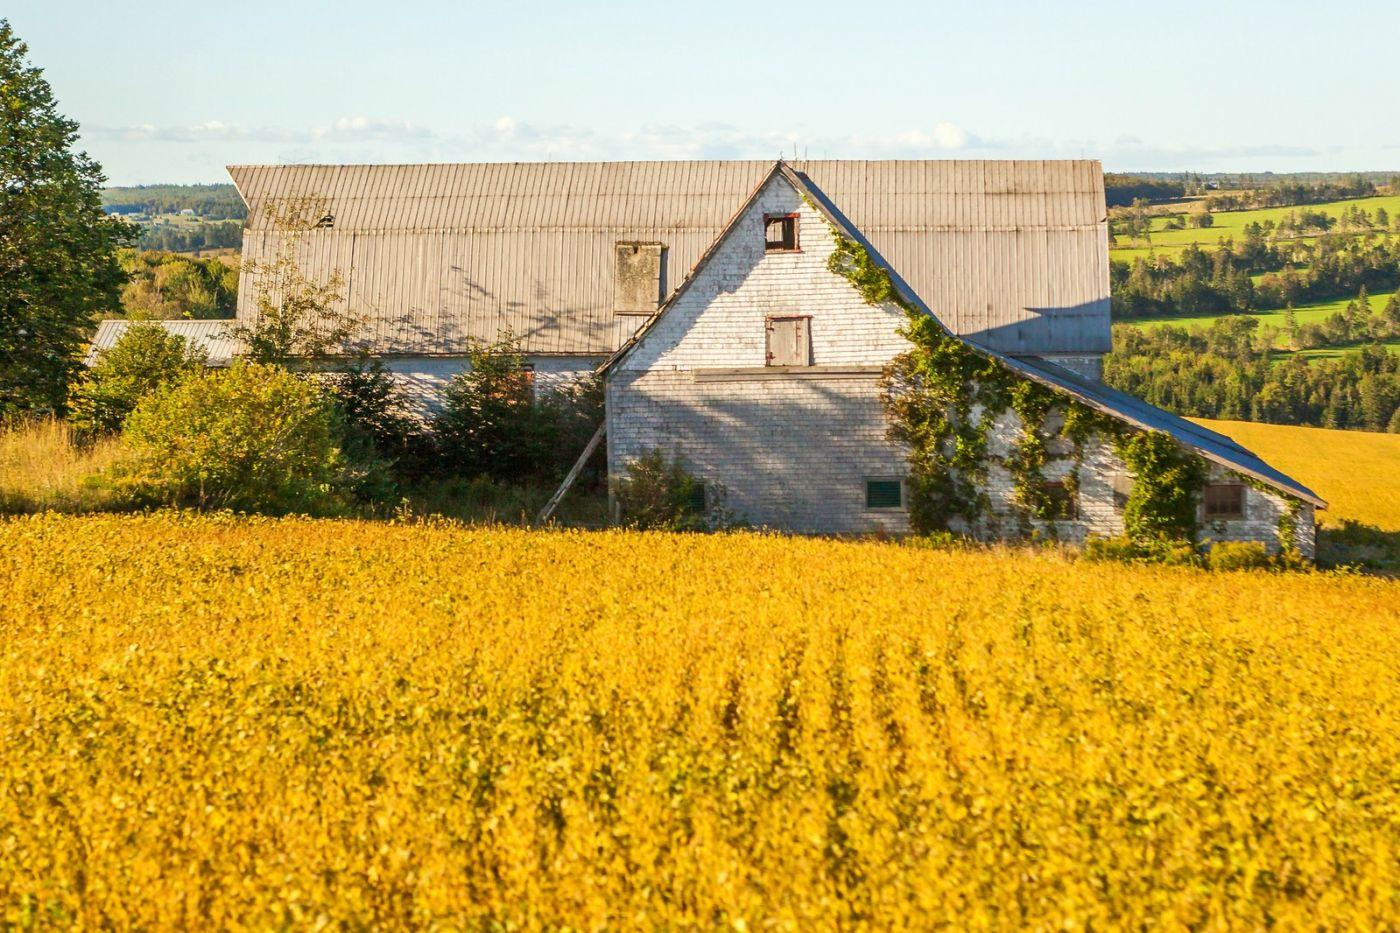 加拿大路途,安居乐业_图1-31